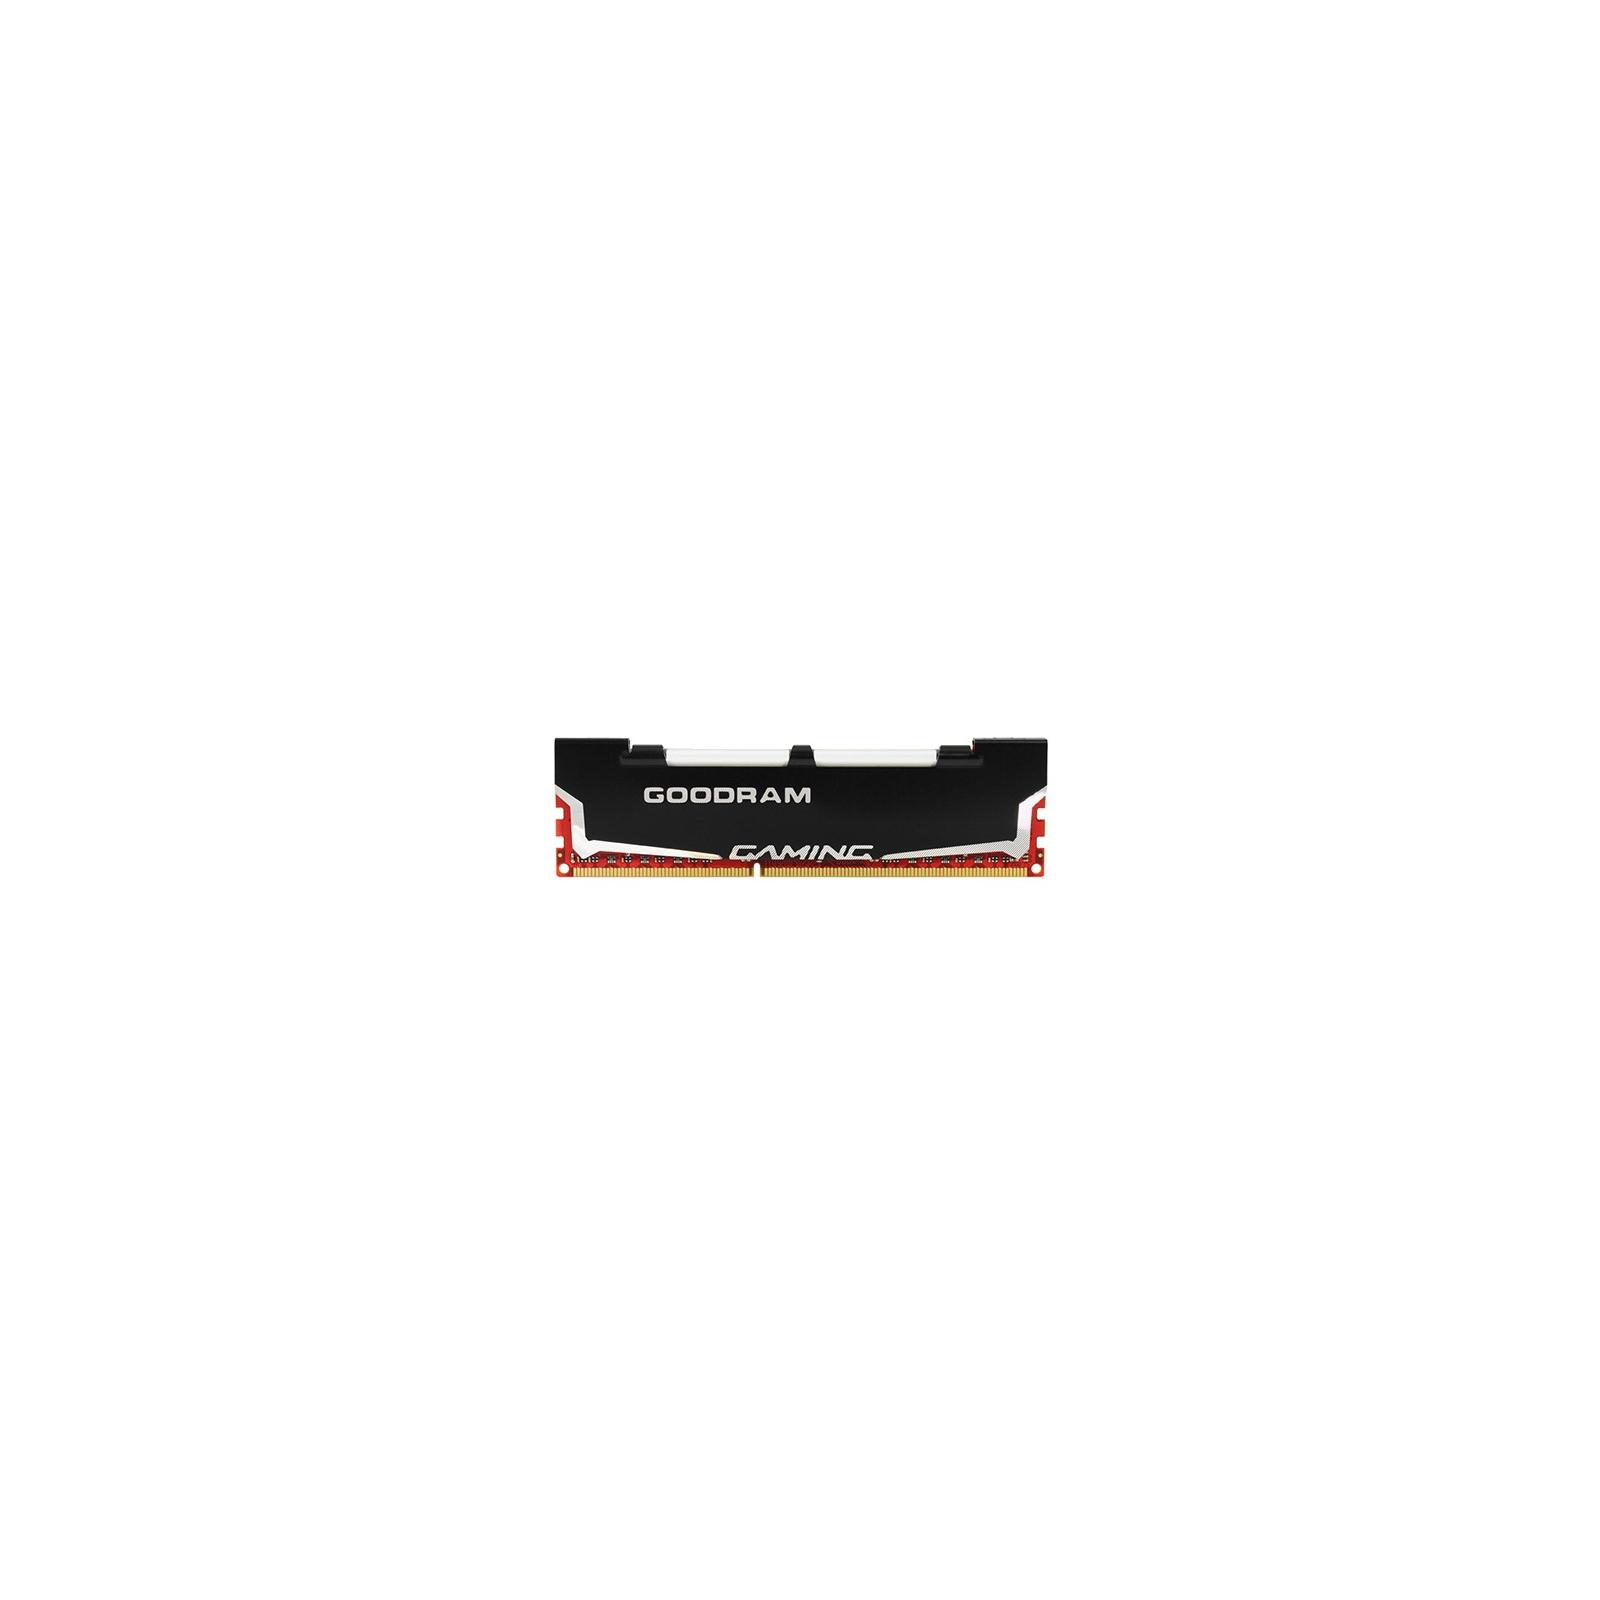 Модуль памяти для компьютера DDR3 8Gb 2400 MHz Led Gaming GOODRAM (GL2400D364L11/8G)